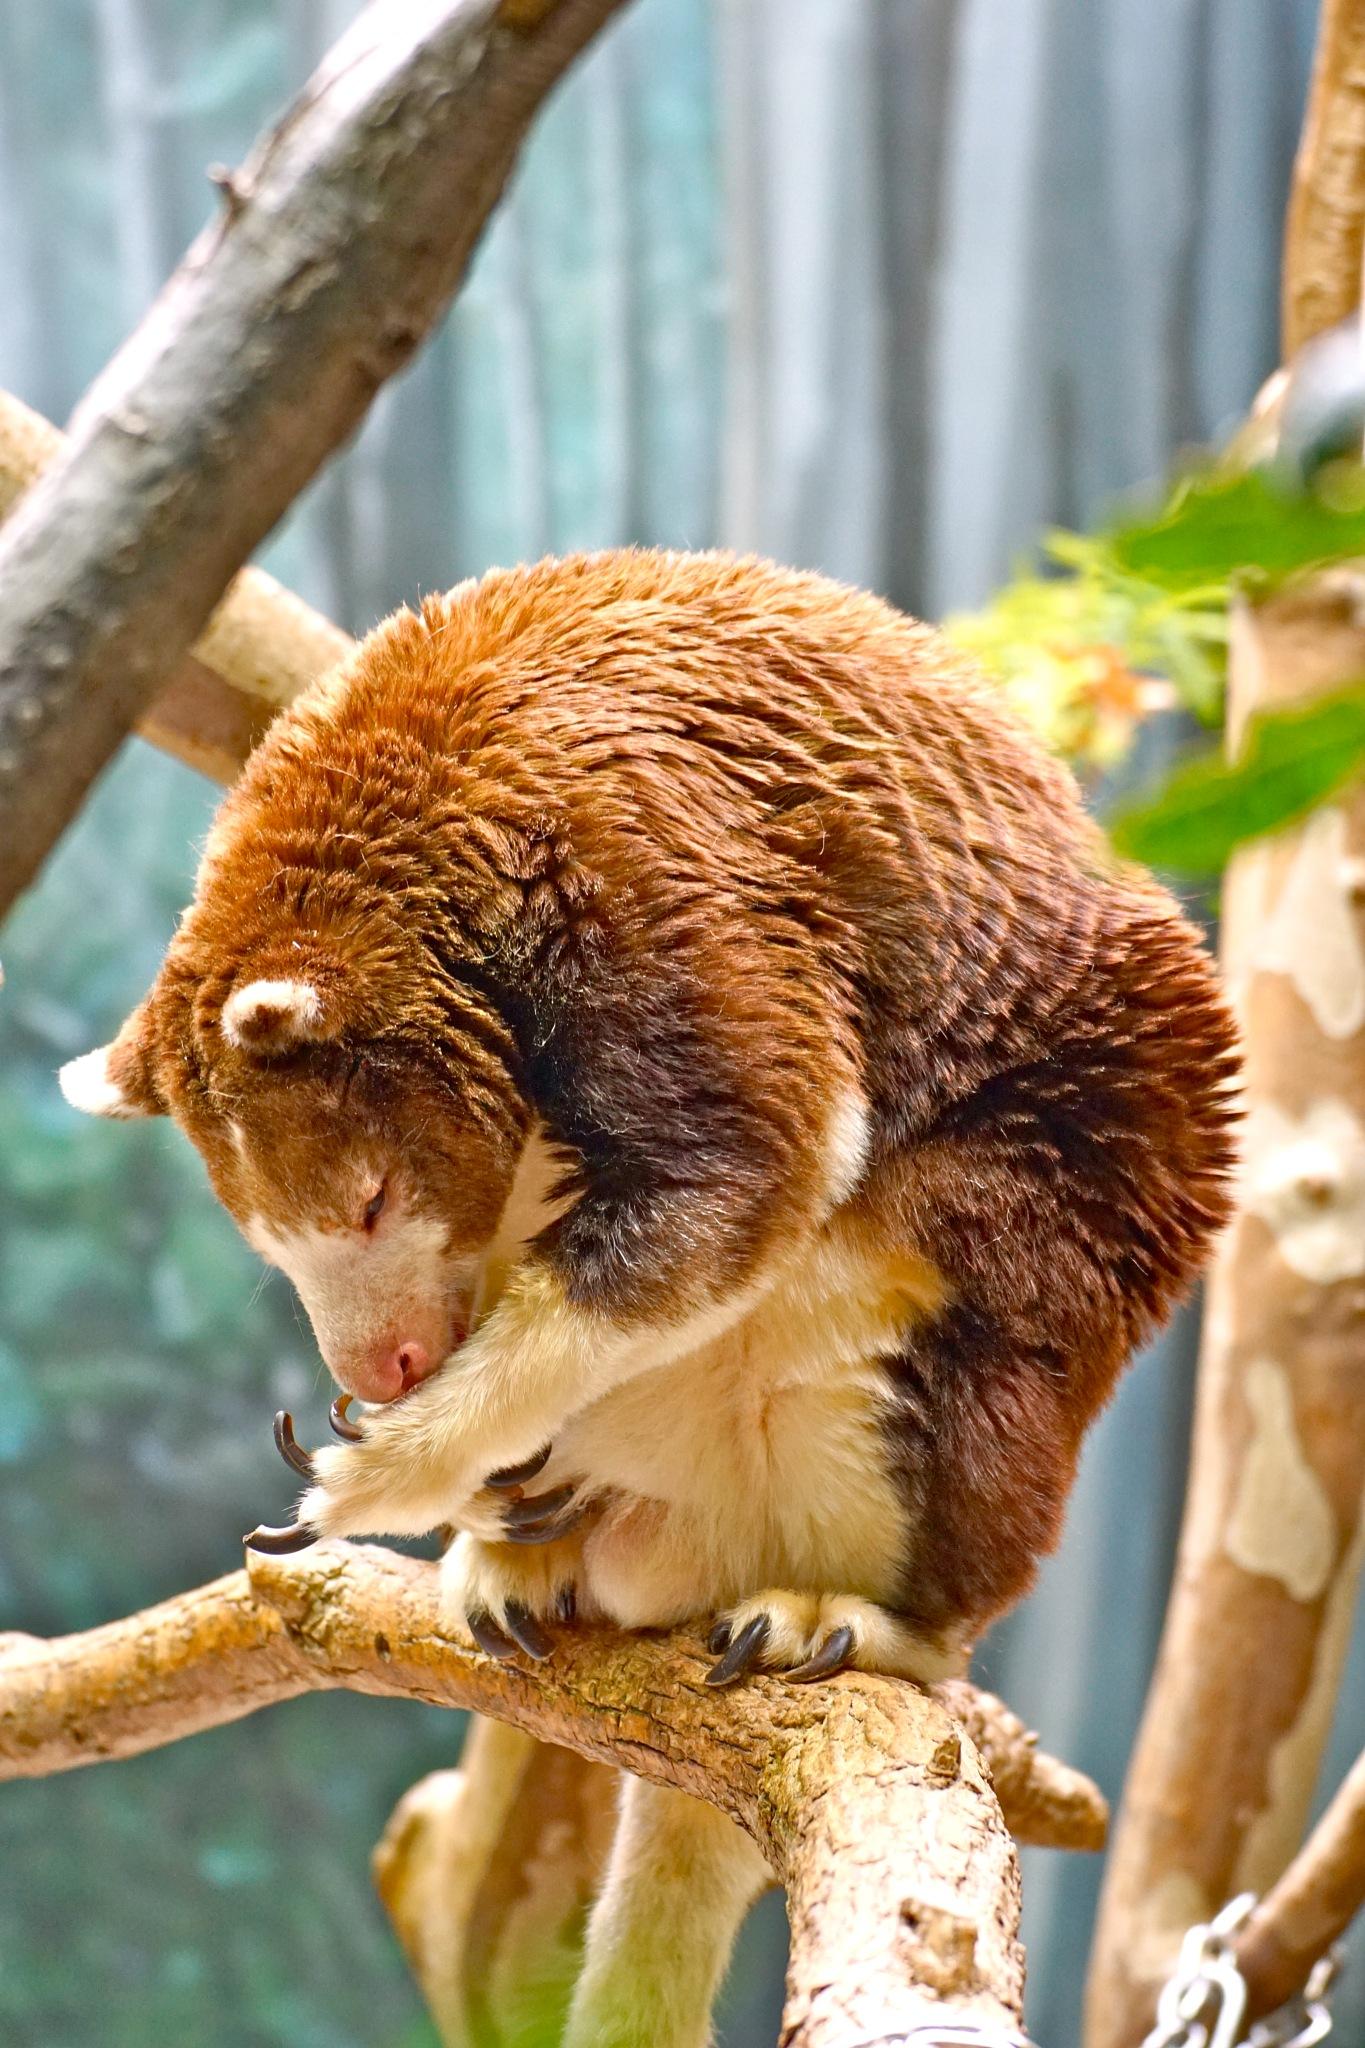 tree kangaroo grooming by Debi Staron